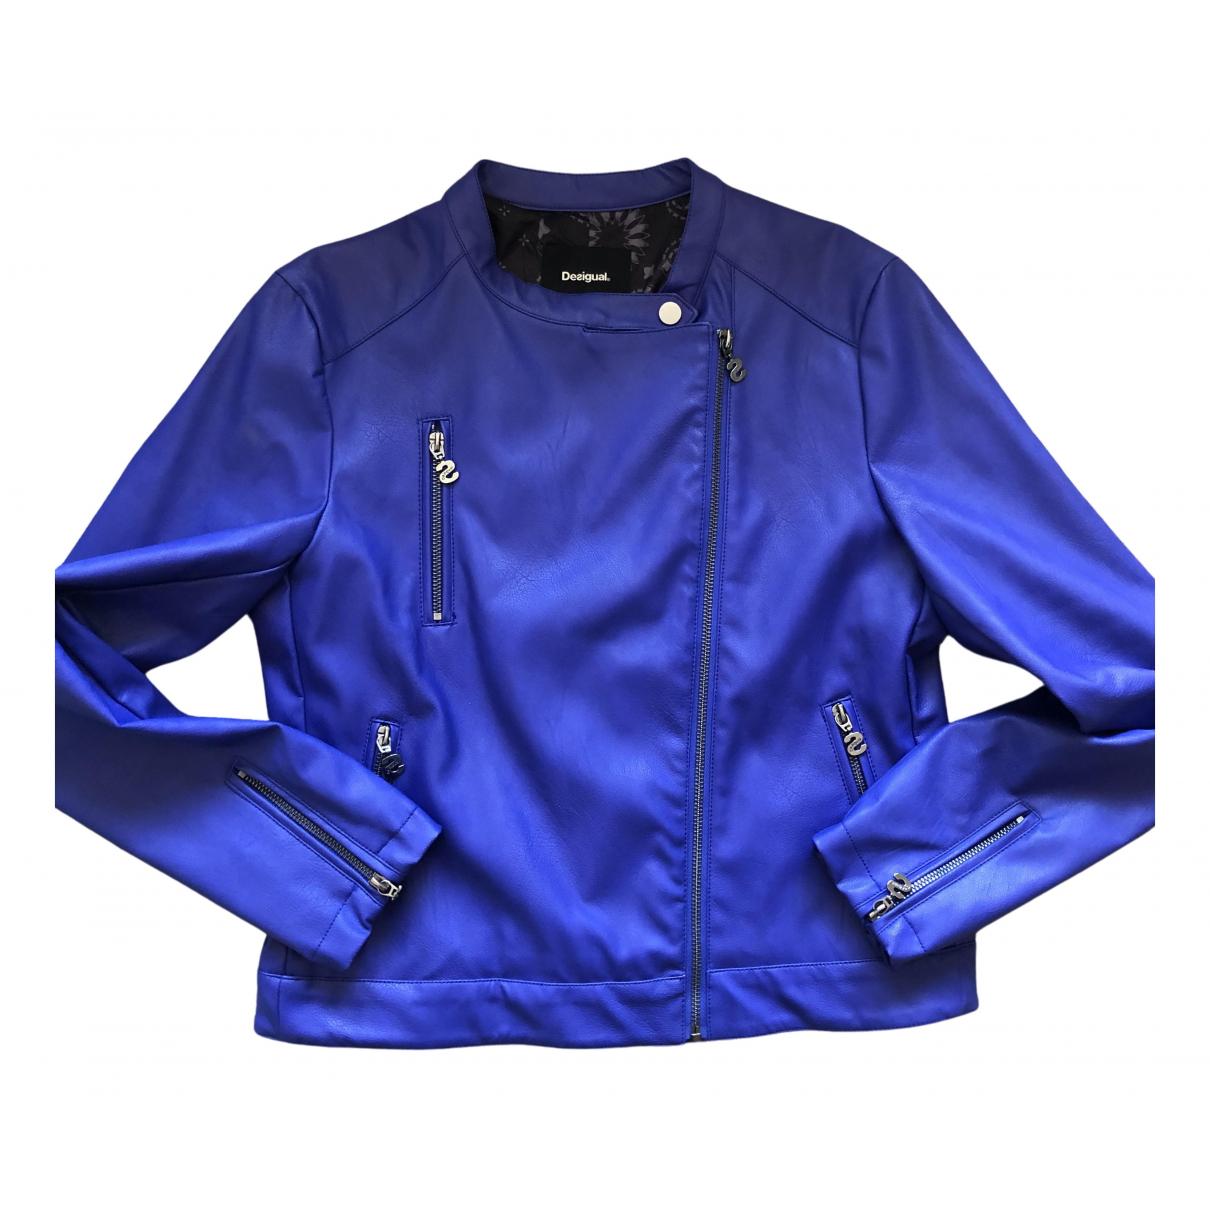 Desigual - Blouson   pour femme en cachemire - bleu